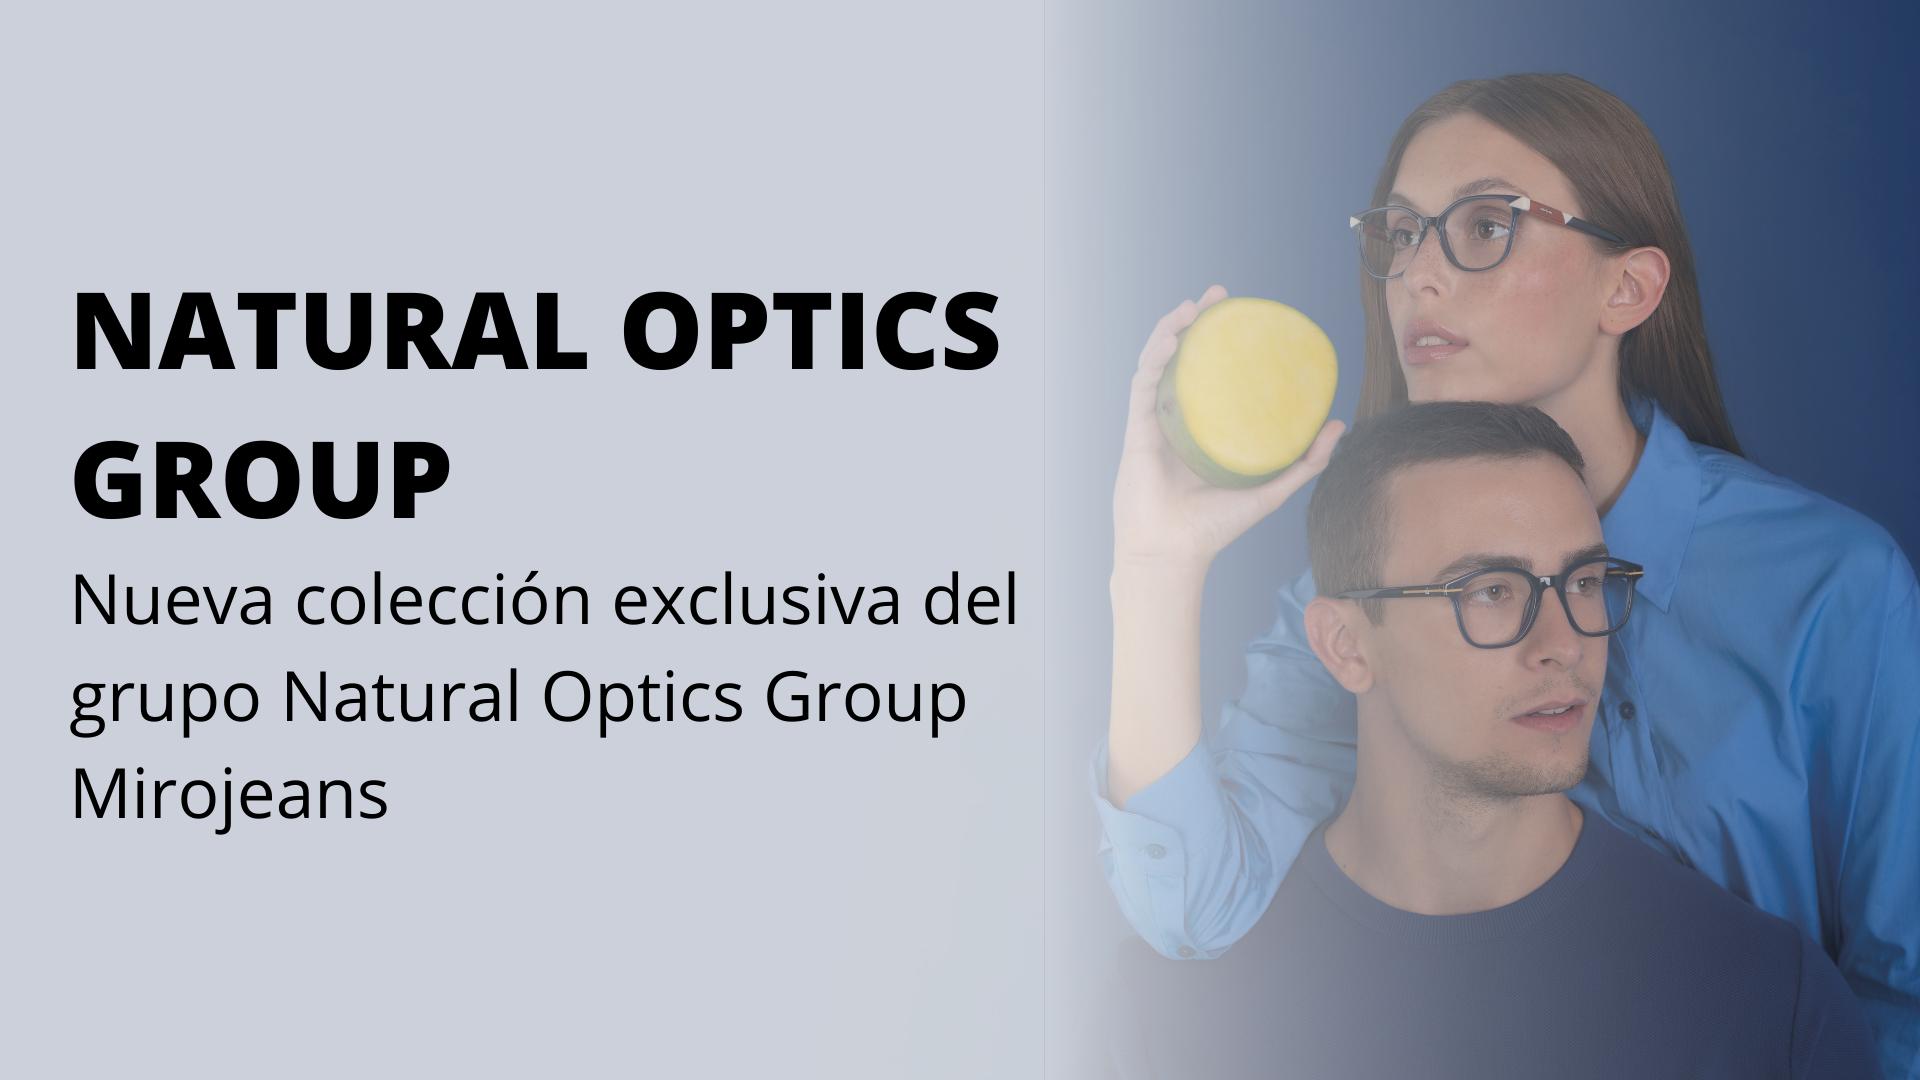 PURAVIDA: La nueva colección de Mirojeans exclusiva del grupo Natural Optics Group